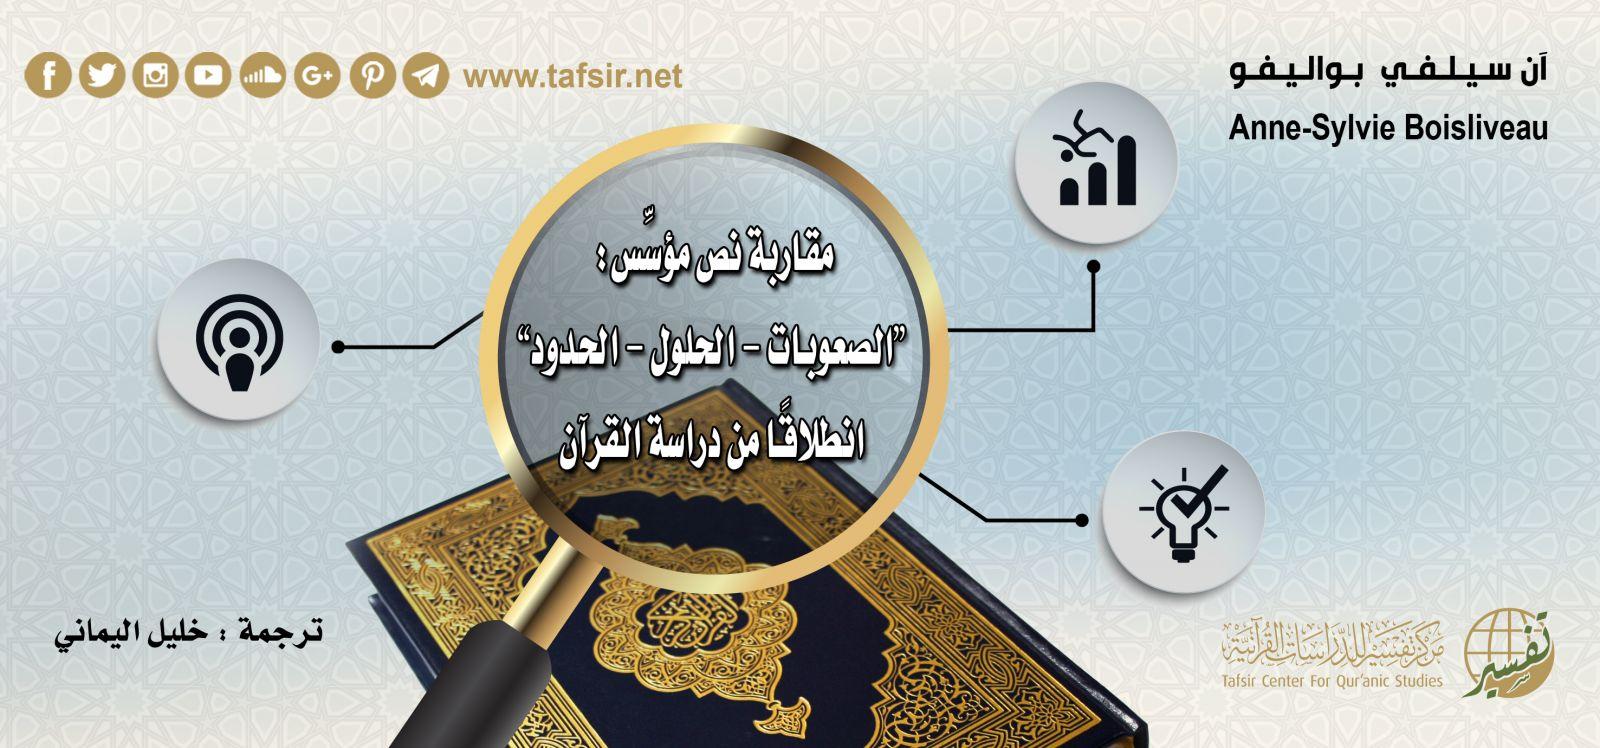 مقاربة نص مؤسس: «الصعوبات، الحلول، الحدود»، انطلاقًا من دراسة القرآن